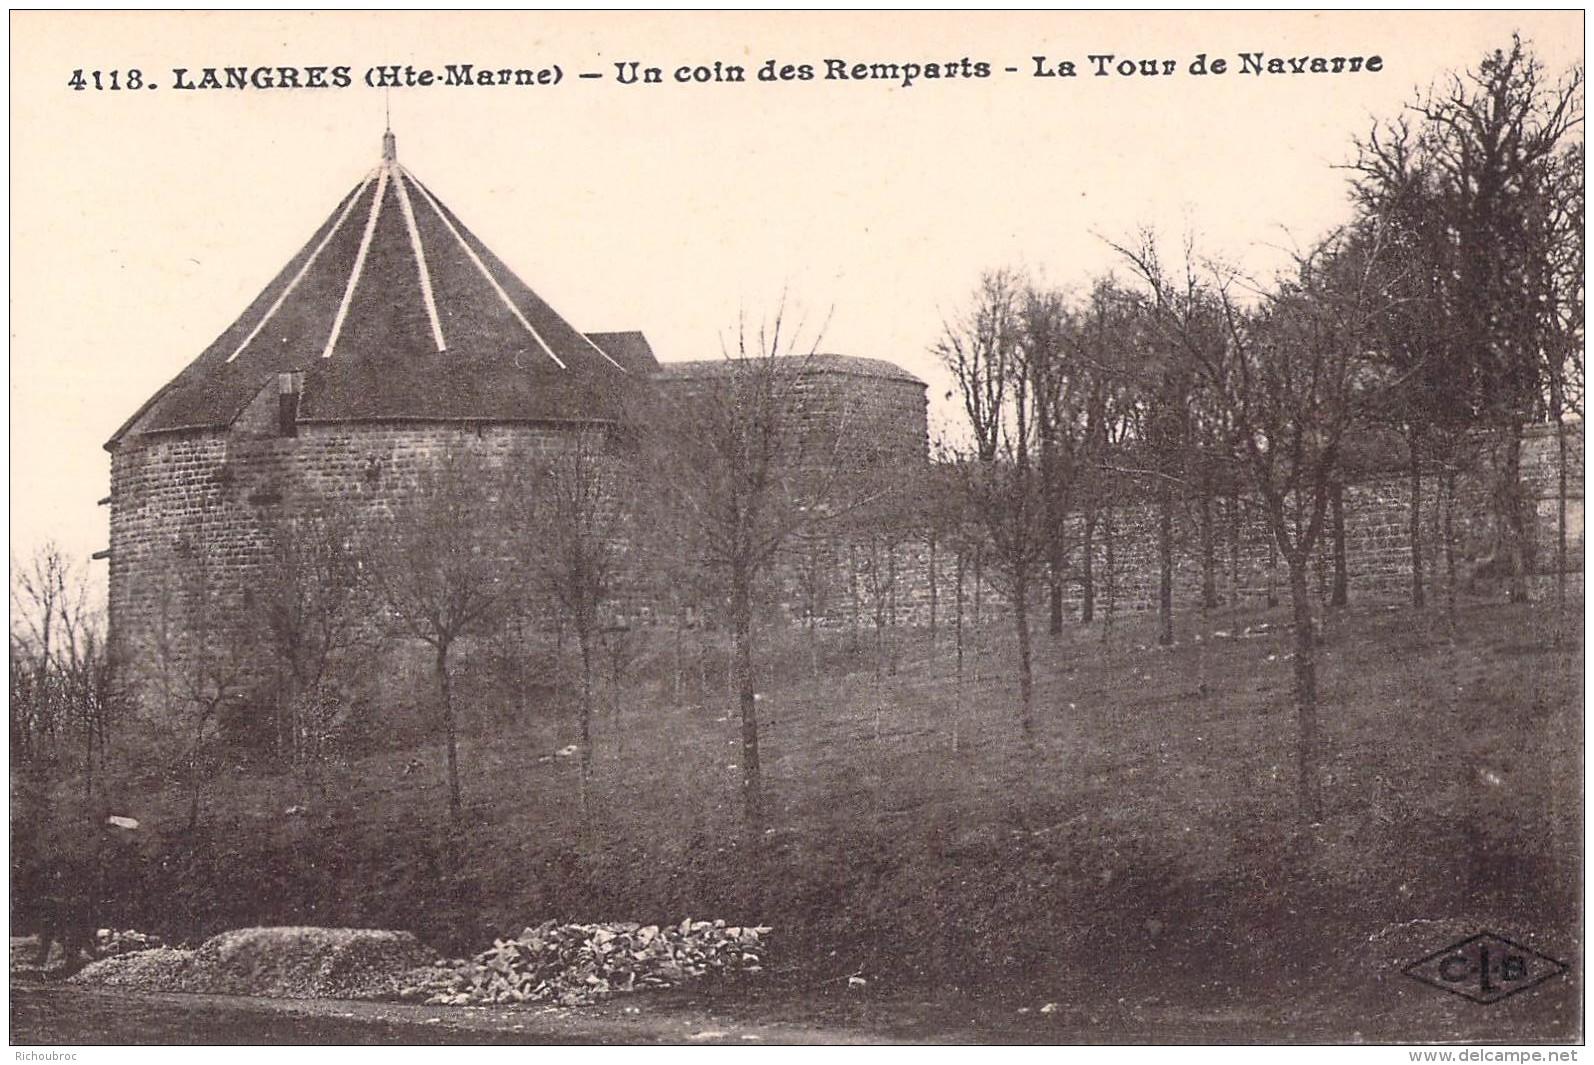 52 LANGRES UN COIN DES REMPARTS LA TOUR DE NAVARRE - Langres